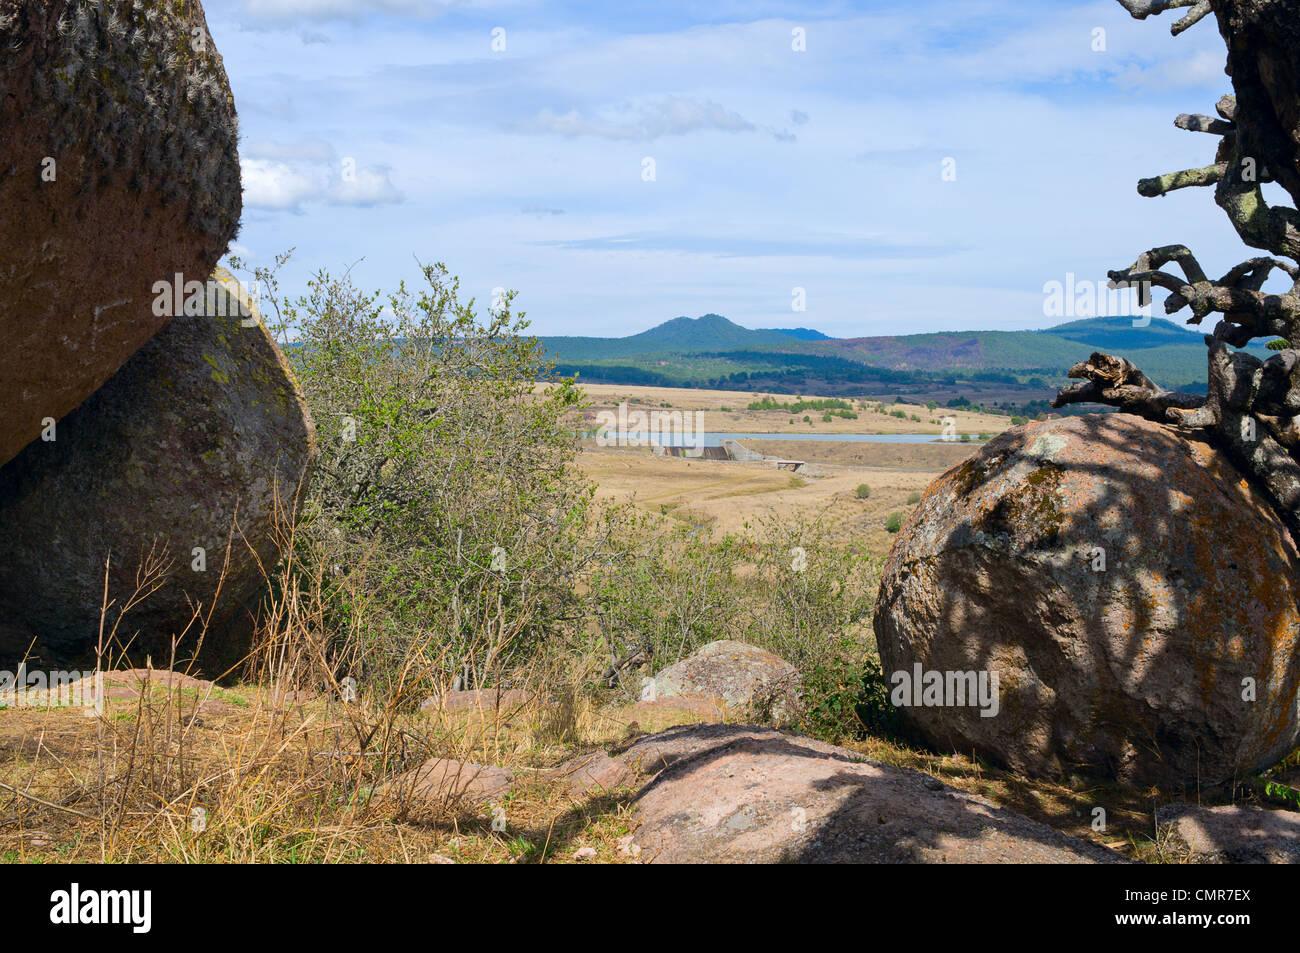 Piedrotas im Tal der Rätsel und See mit dam, umgeben von Bergen in der Nähe von Tapalpa in Jalisco, Mexiko Stockbild